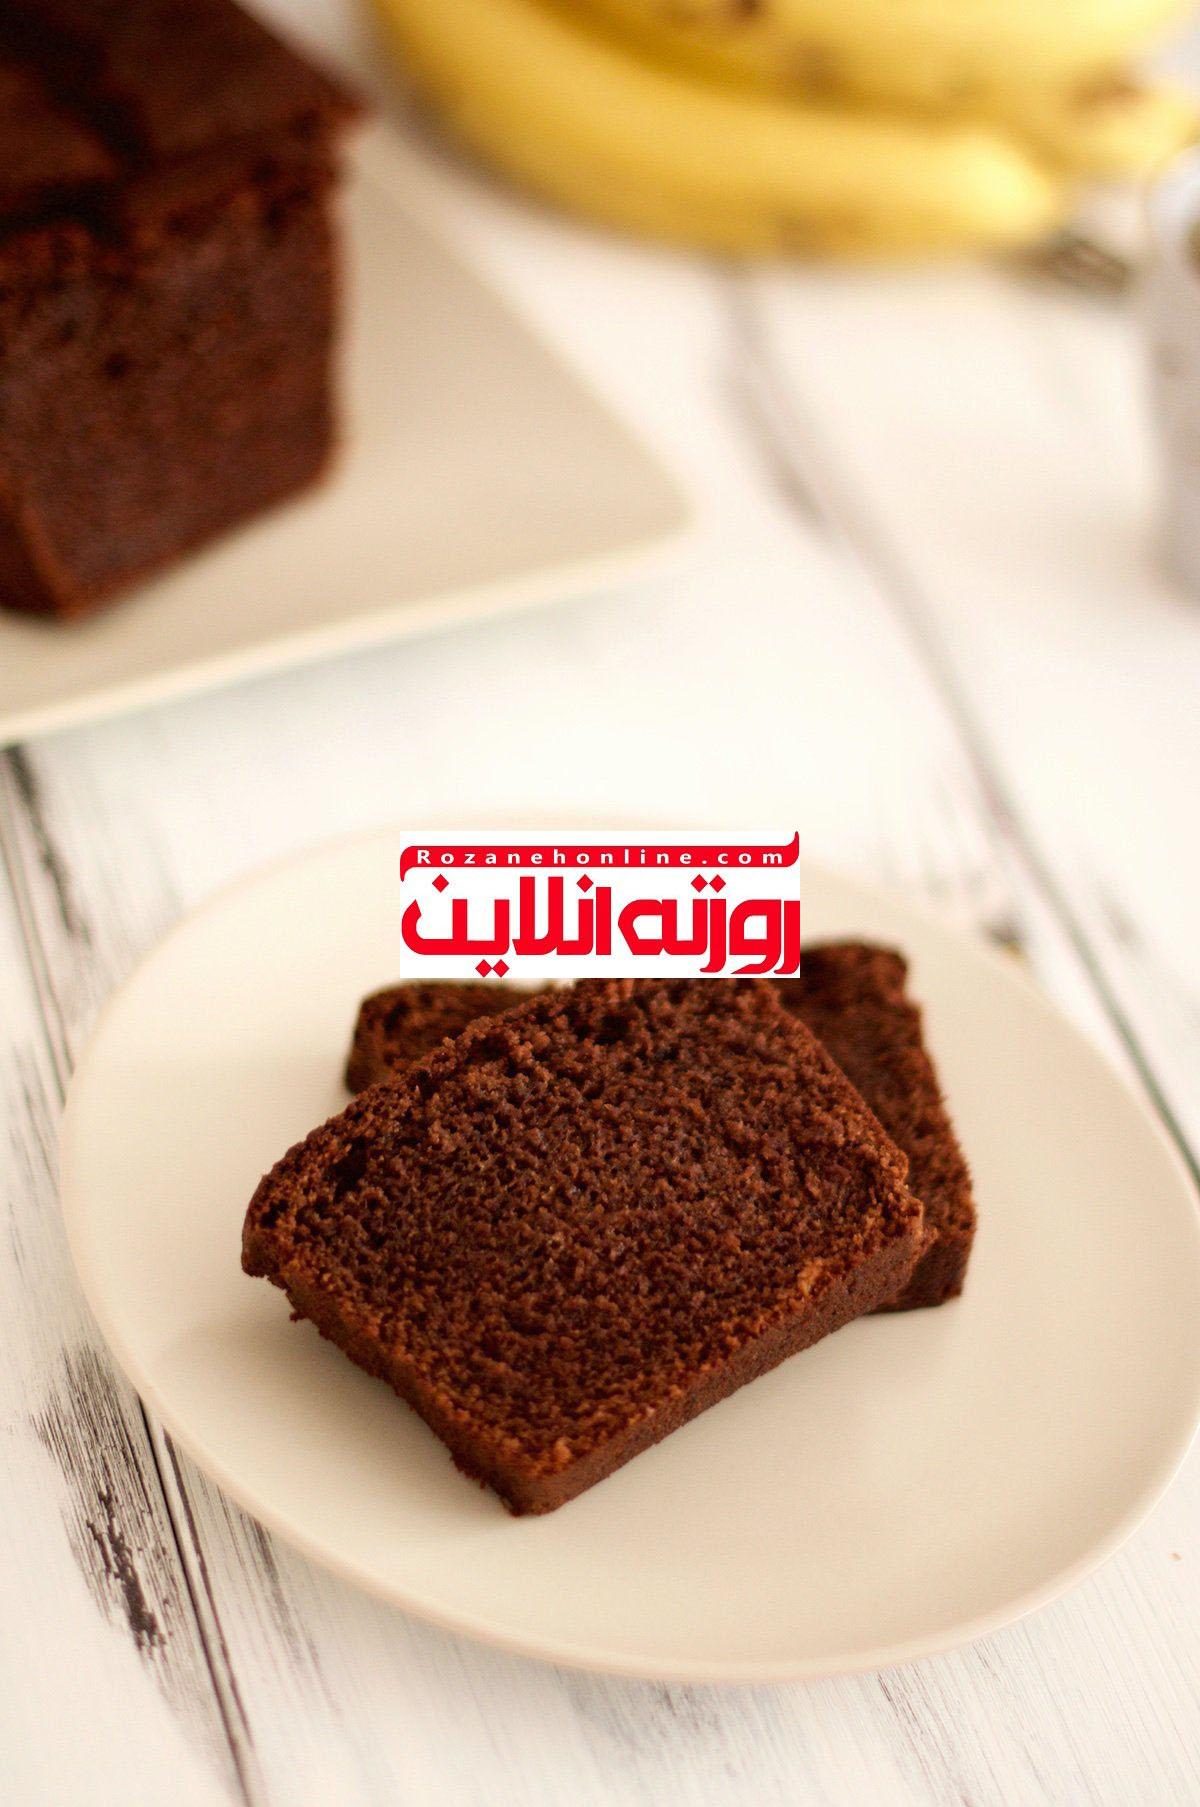 چگونه کیک موز شکلاتی درست کنیم